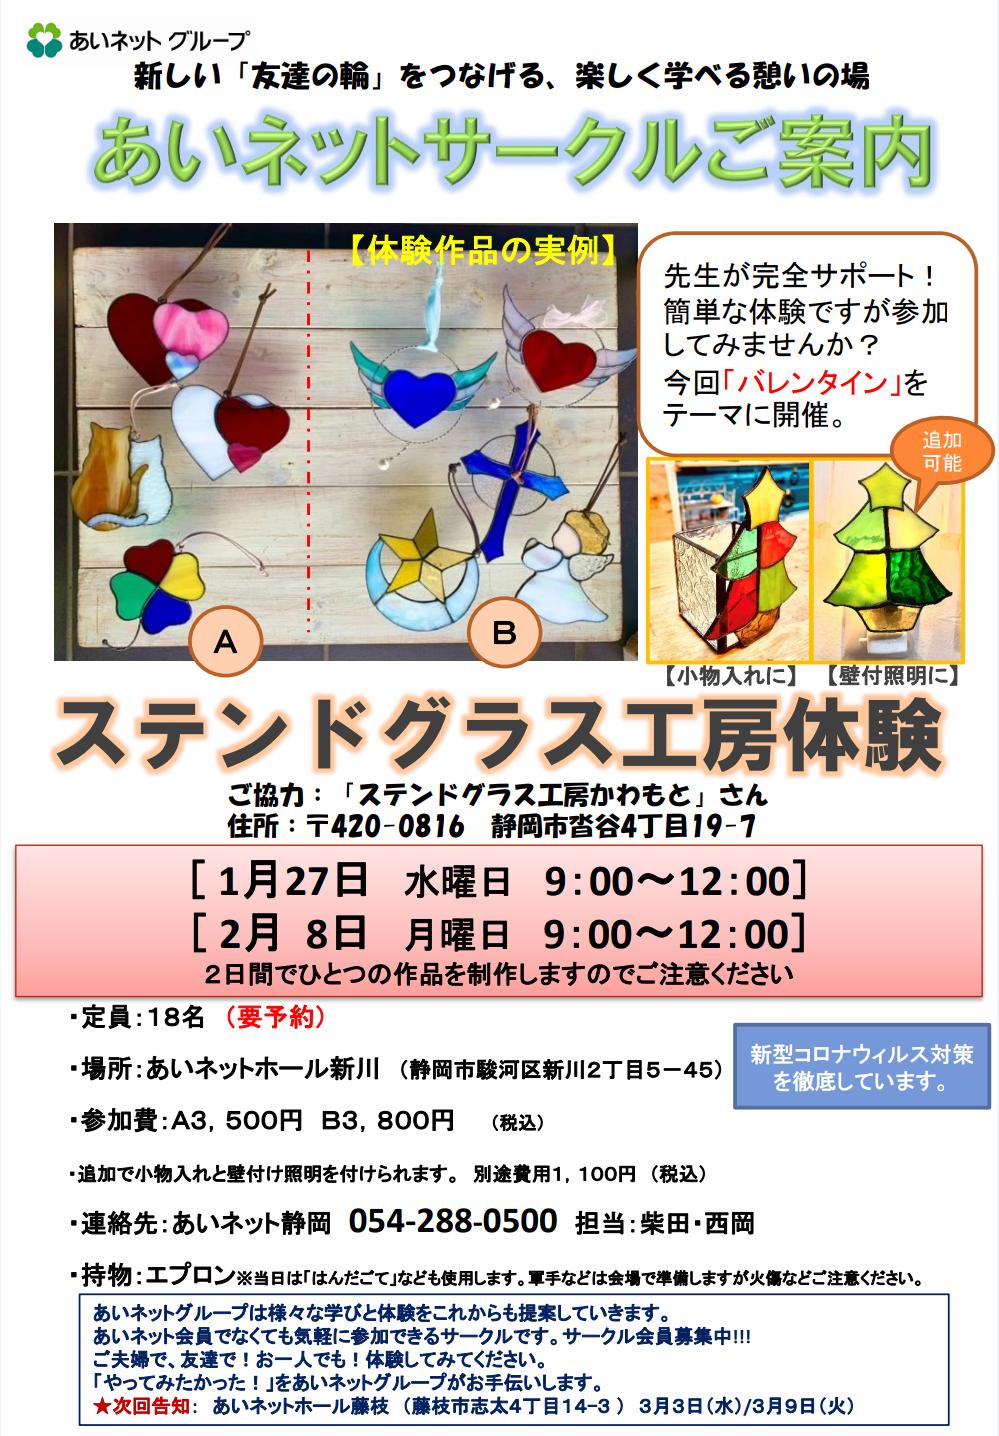 【あいネットサークル】ステンドグラス工房体験開催